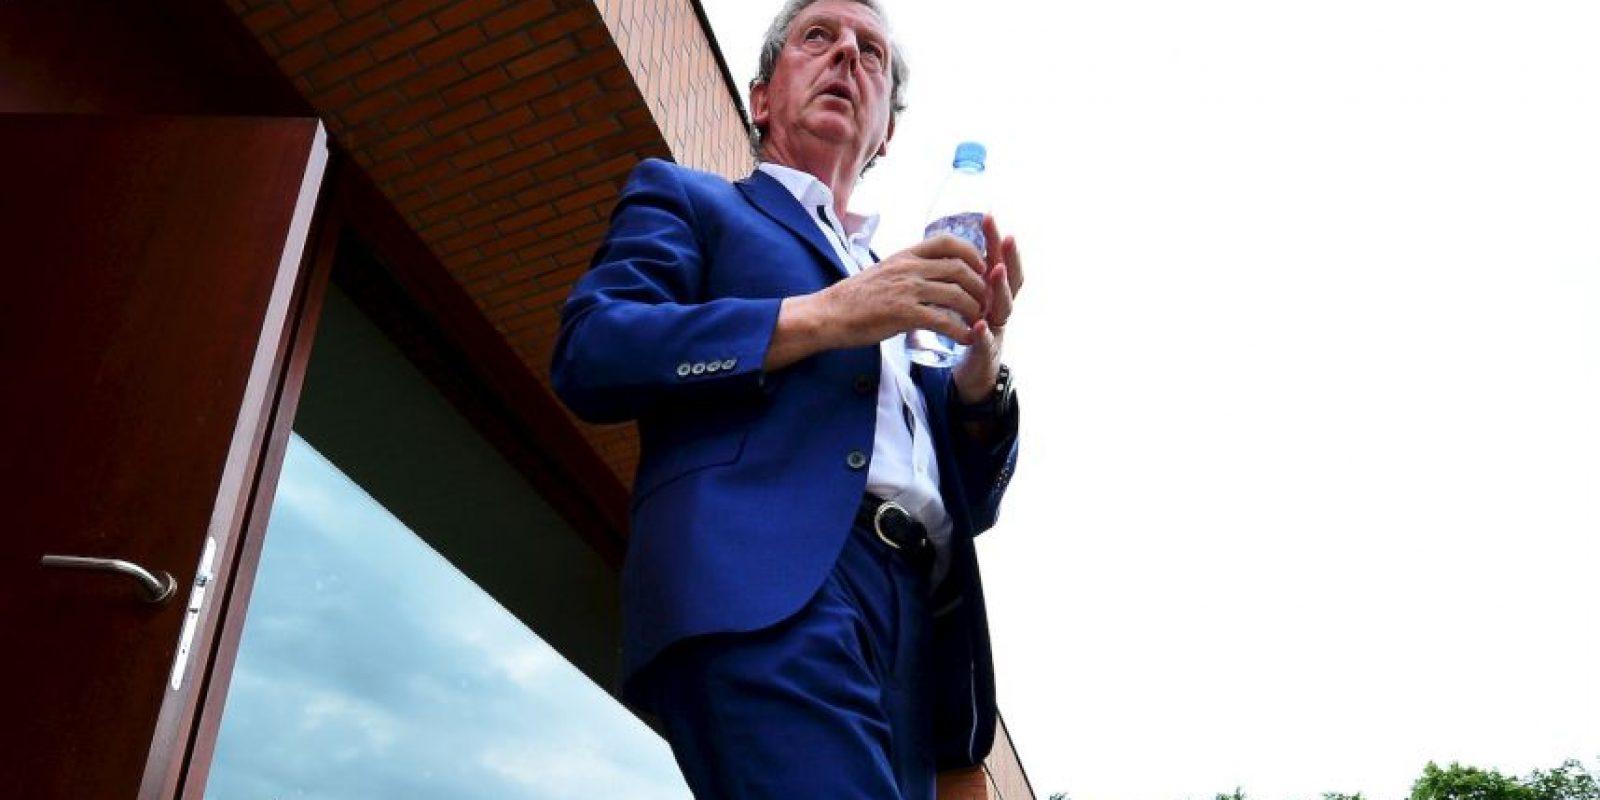 Luego de la derrota, Roy Hodgson renunció a su cargo de entrenador Foto:Getty Images